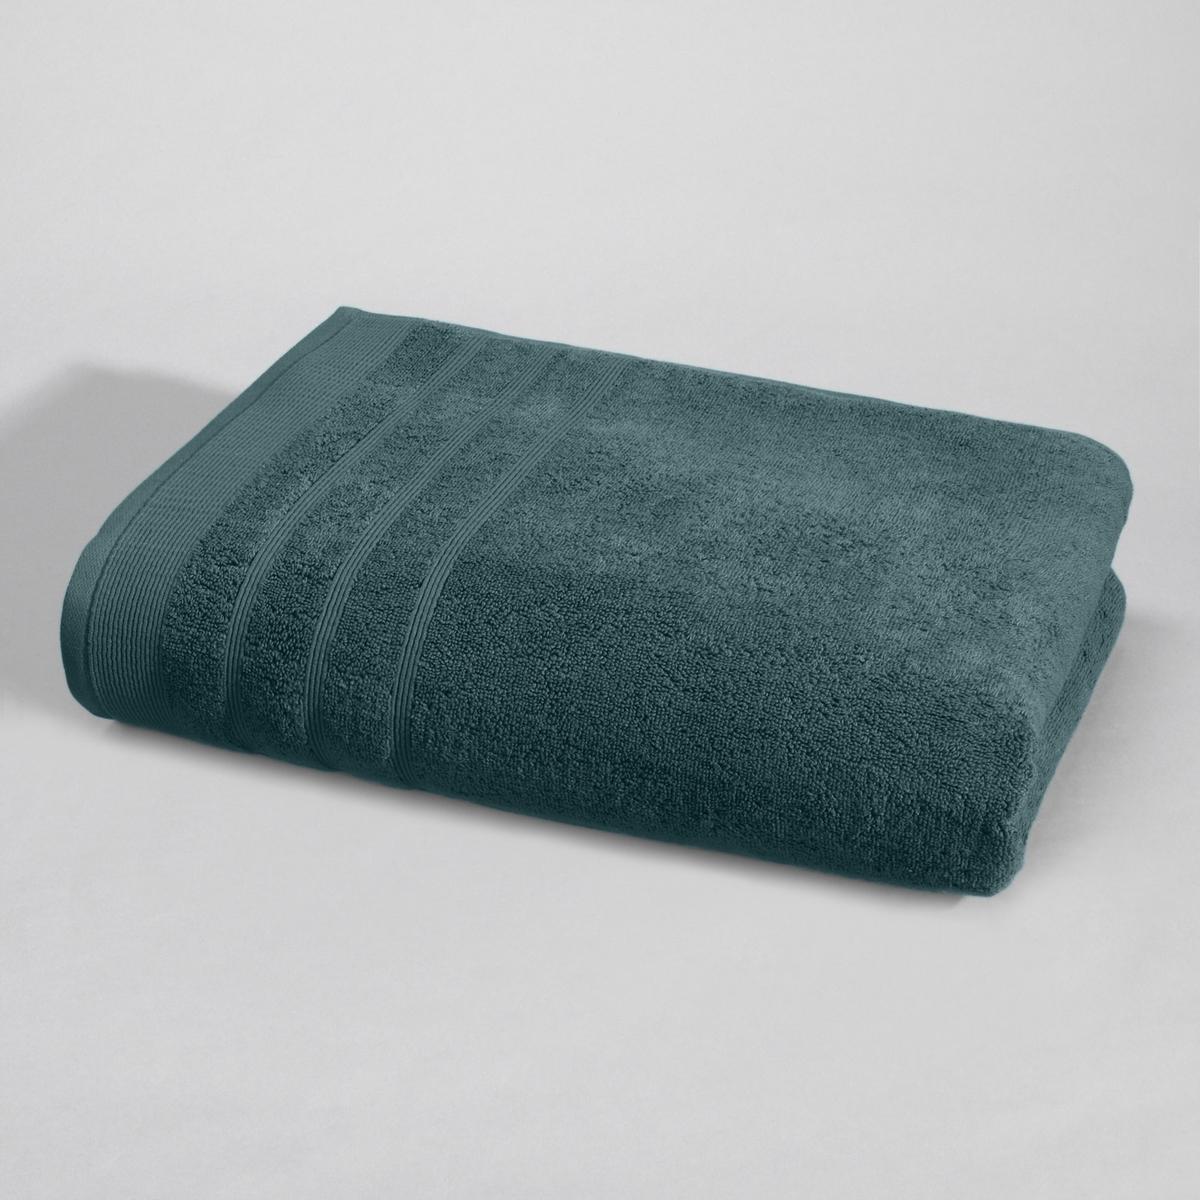 Полотенце банное 600 г/м?, Качество BestПышное полотенце с исключительной впитывающей способностью. Невероятный комфорт!Характеристики банного полотенца :Качество BEST.Махровая ткань 100 % хлопка.Машинная стирка при 60°.Размеры банного полотенца:70 x 140 см.<br><br>Цвет: бежевый,белый,зелено-синий,зеленый мох,Серо-синий,сине-зеленый,синий морской<br>Размер: 70 x 140  см.70 x 140  см.70 x 140  см.70 x 140  см